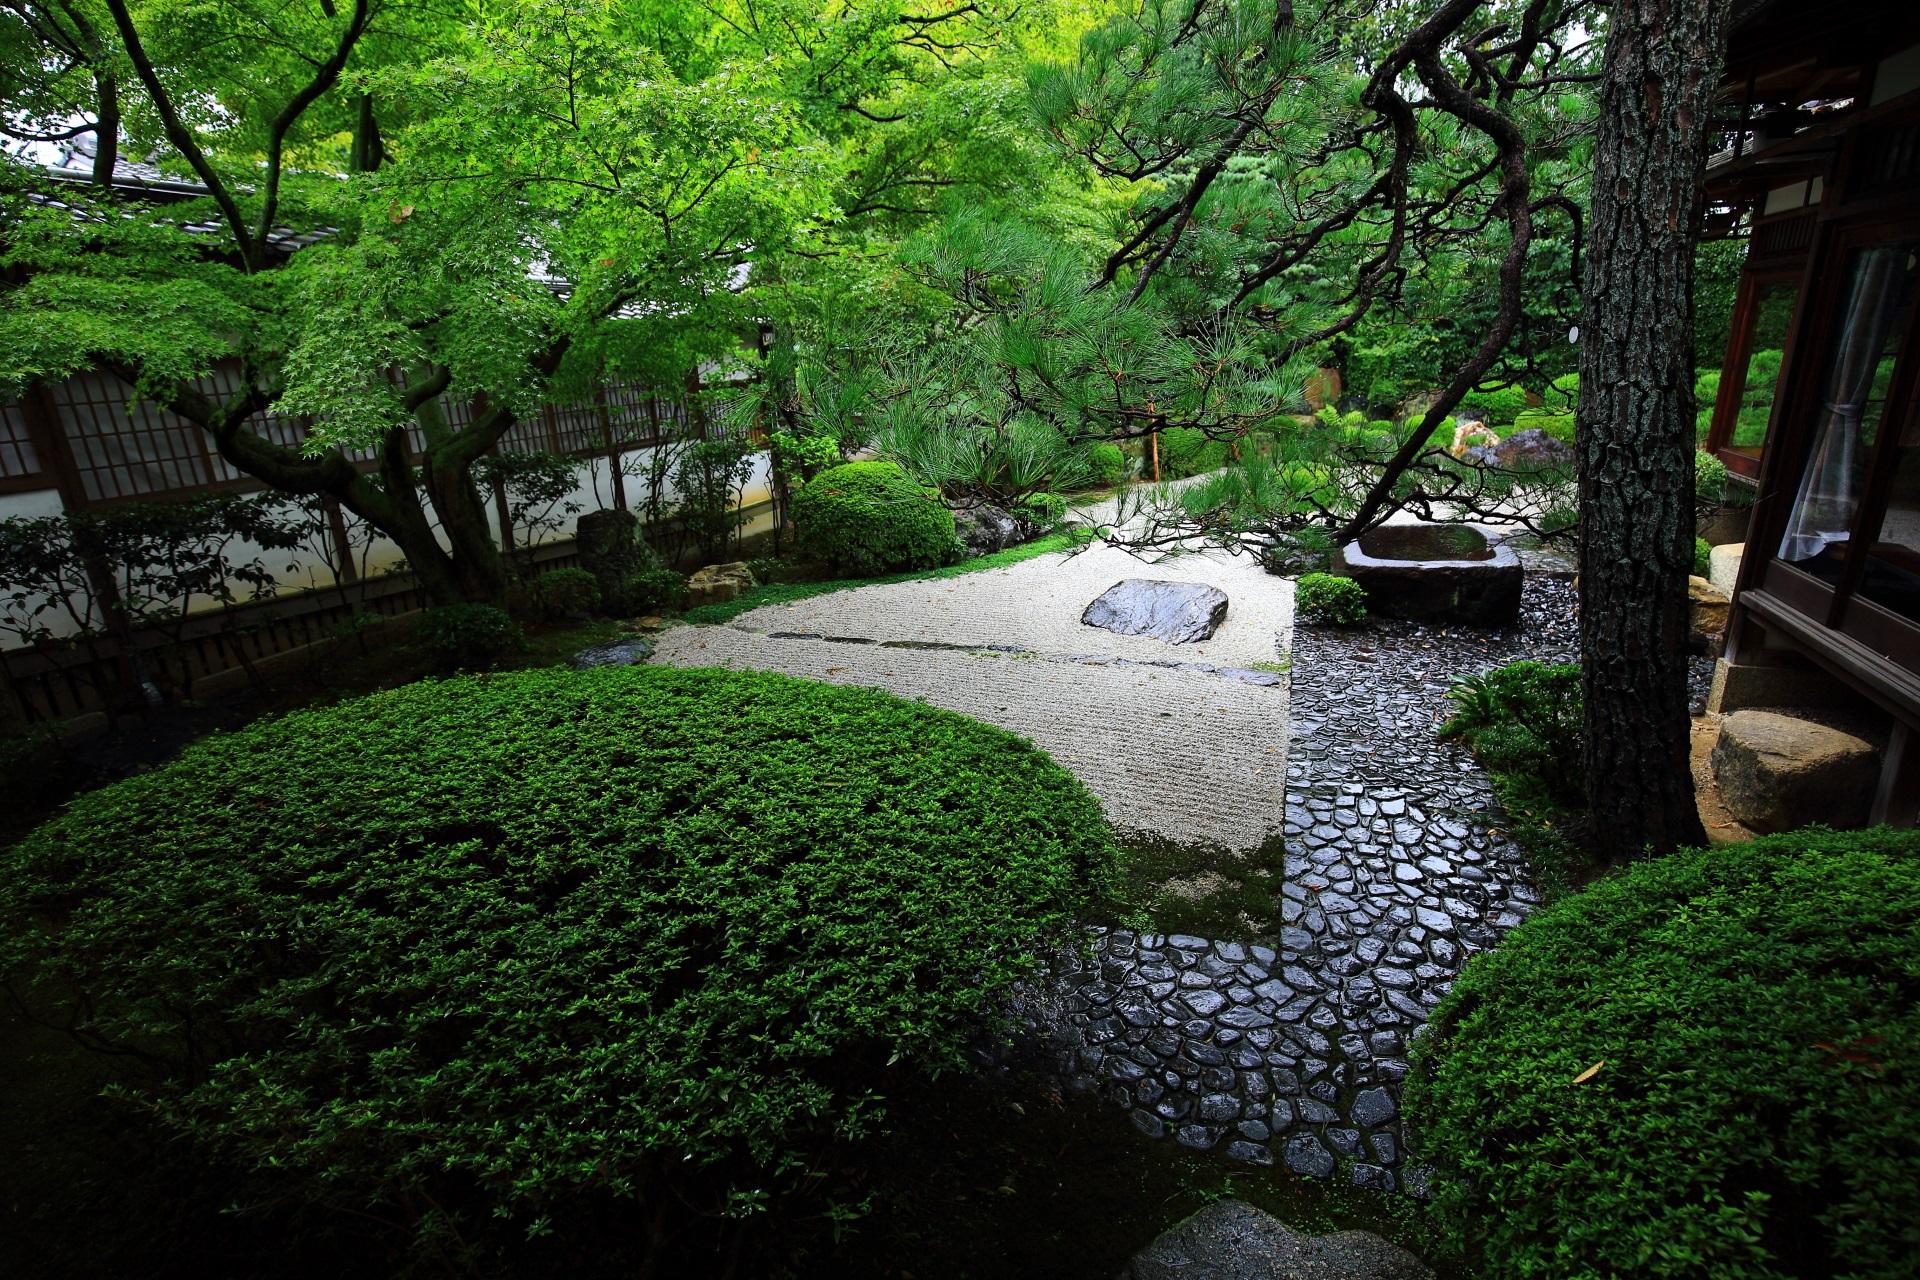 御香宮神社の石庭のサツキの刈り込みと緑